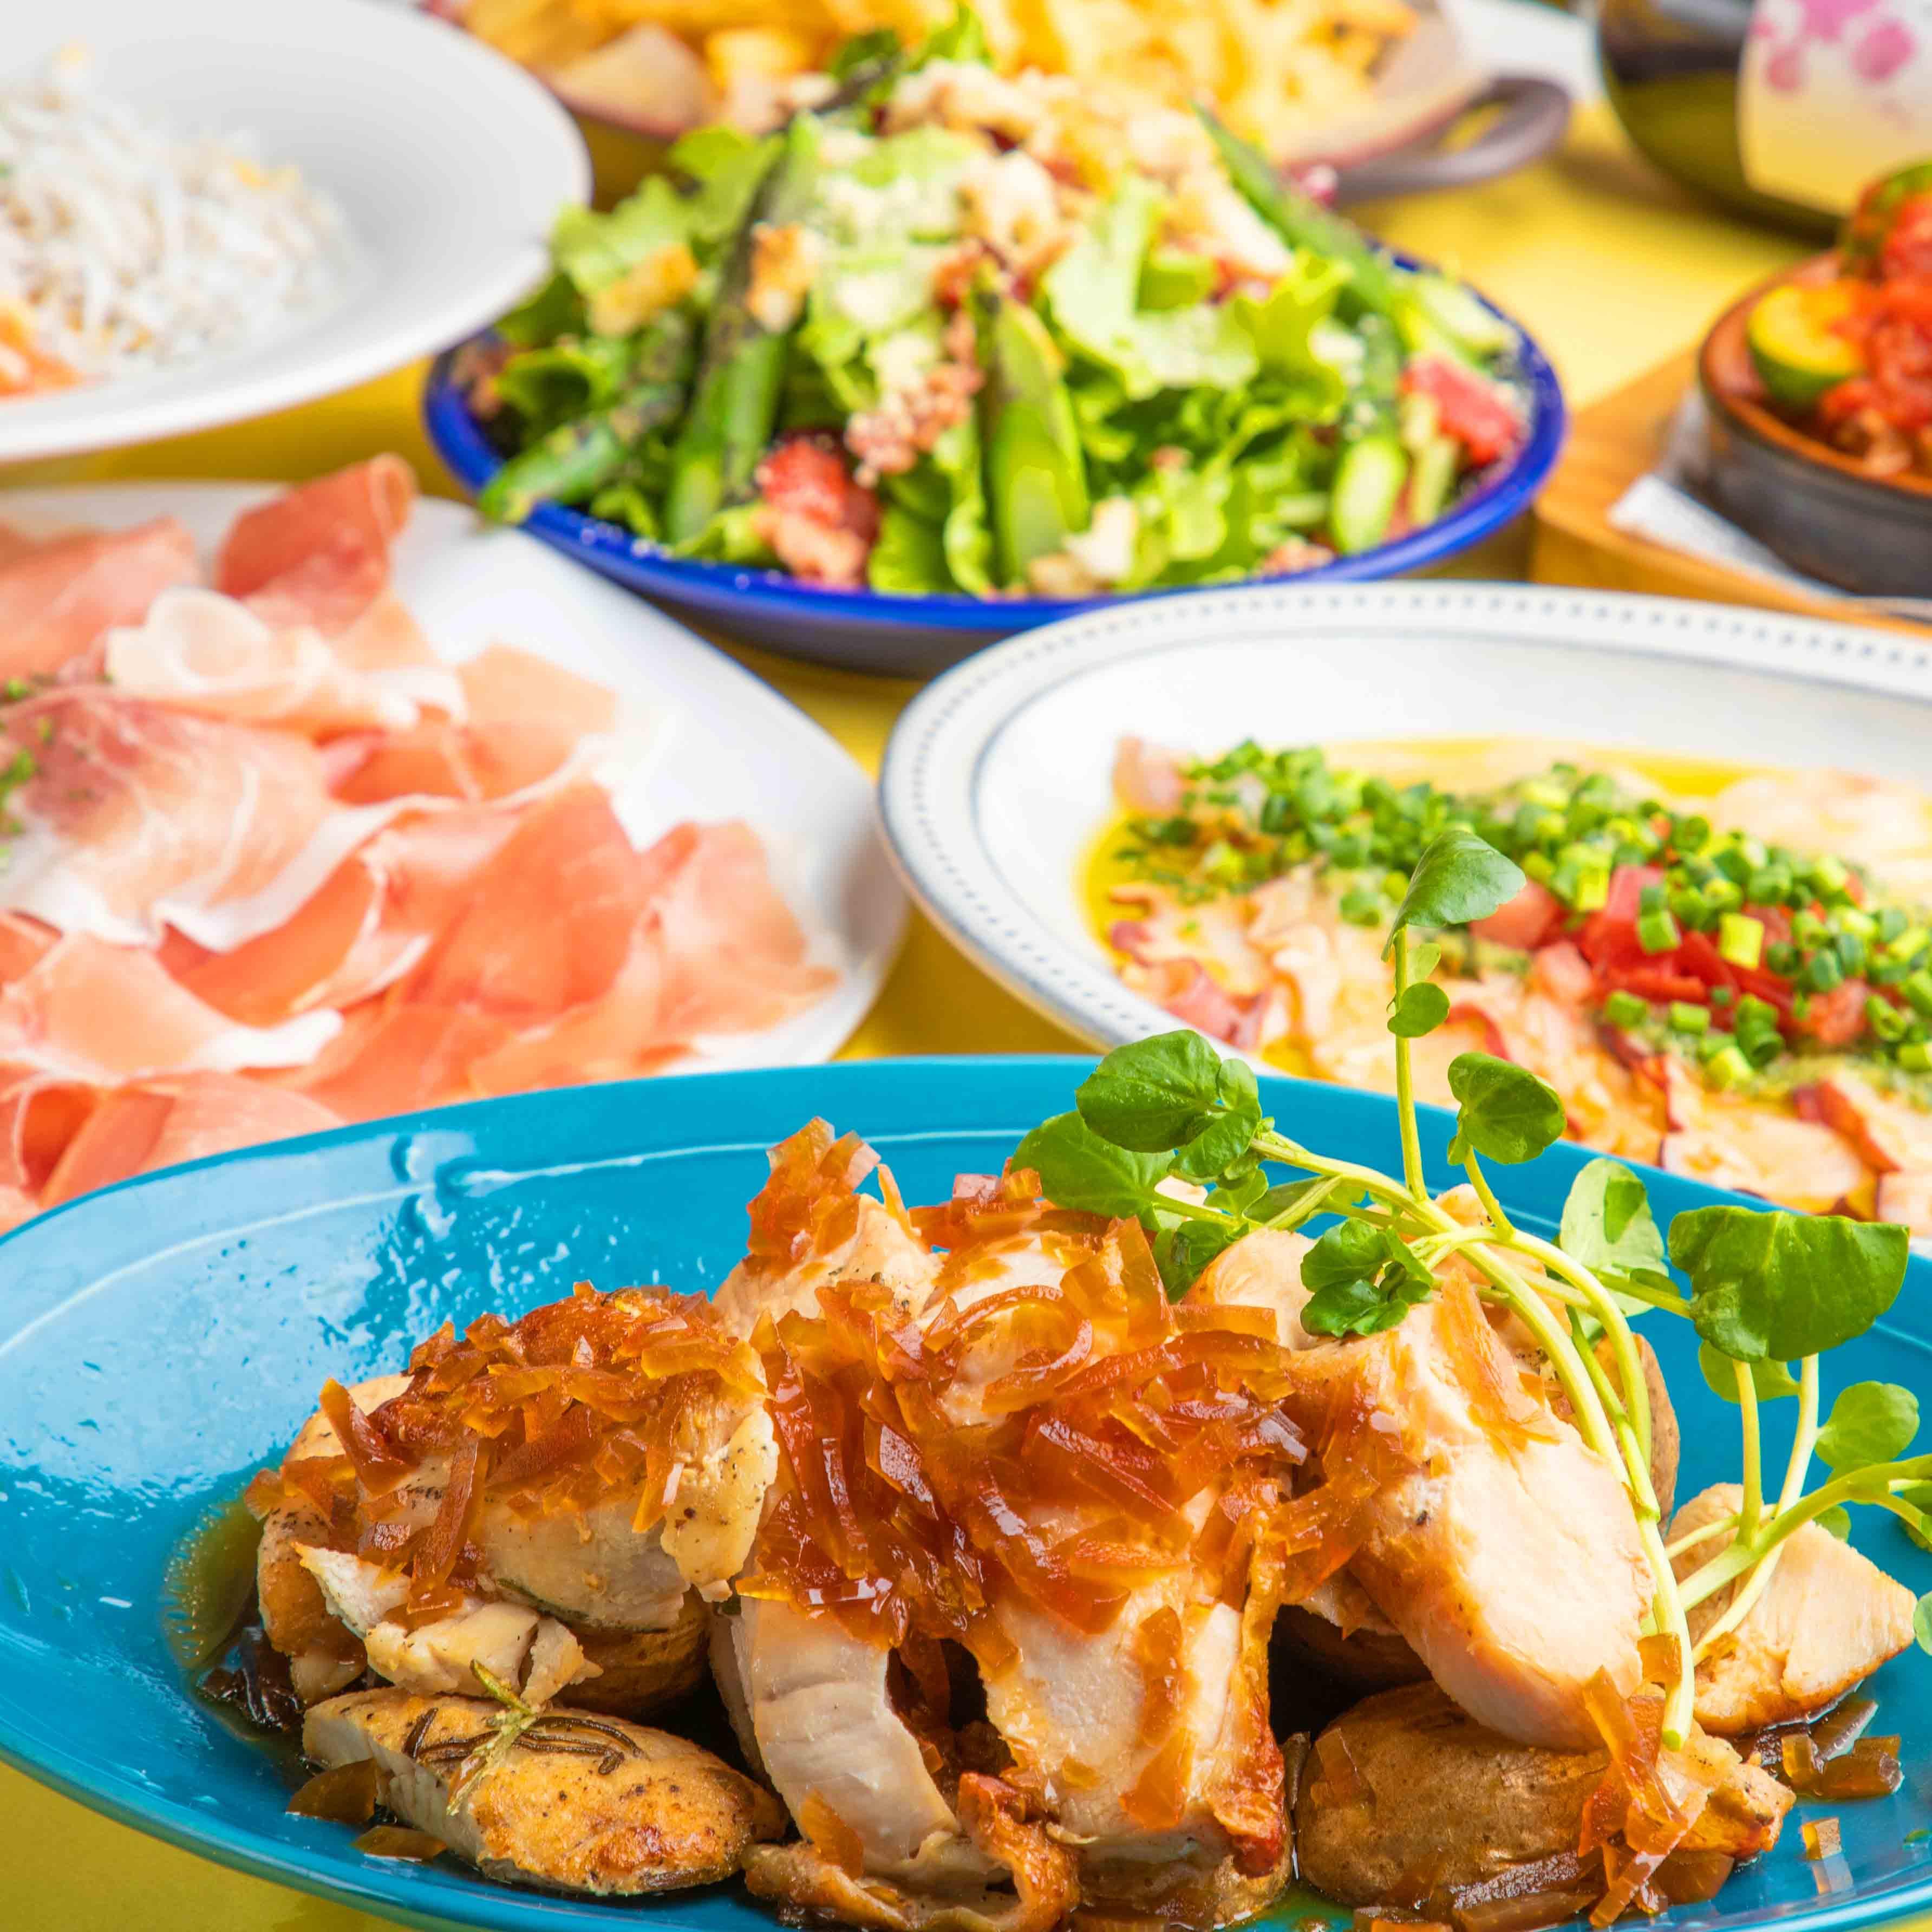 [2時間飲み放題] 国産熟成鶏のハーブグリルコース8品